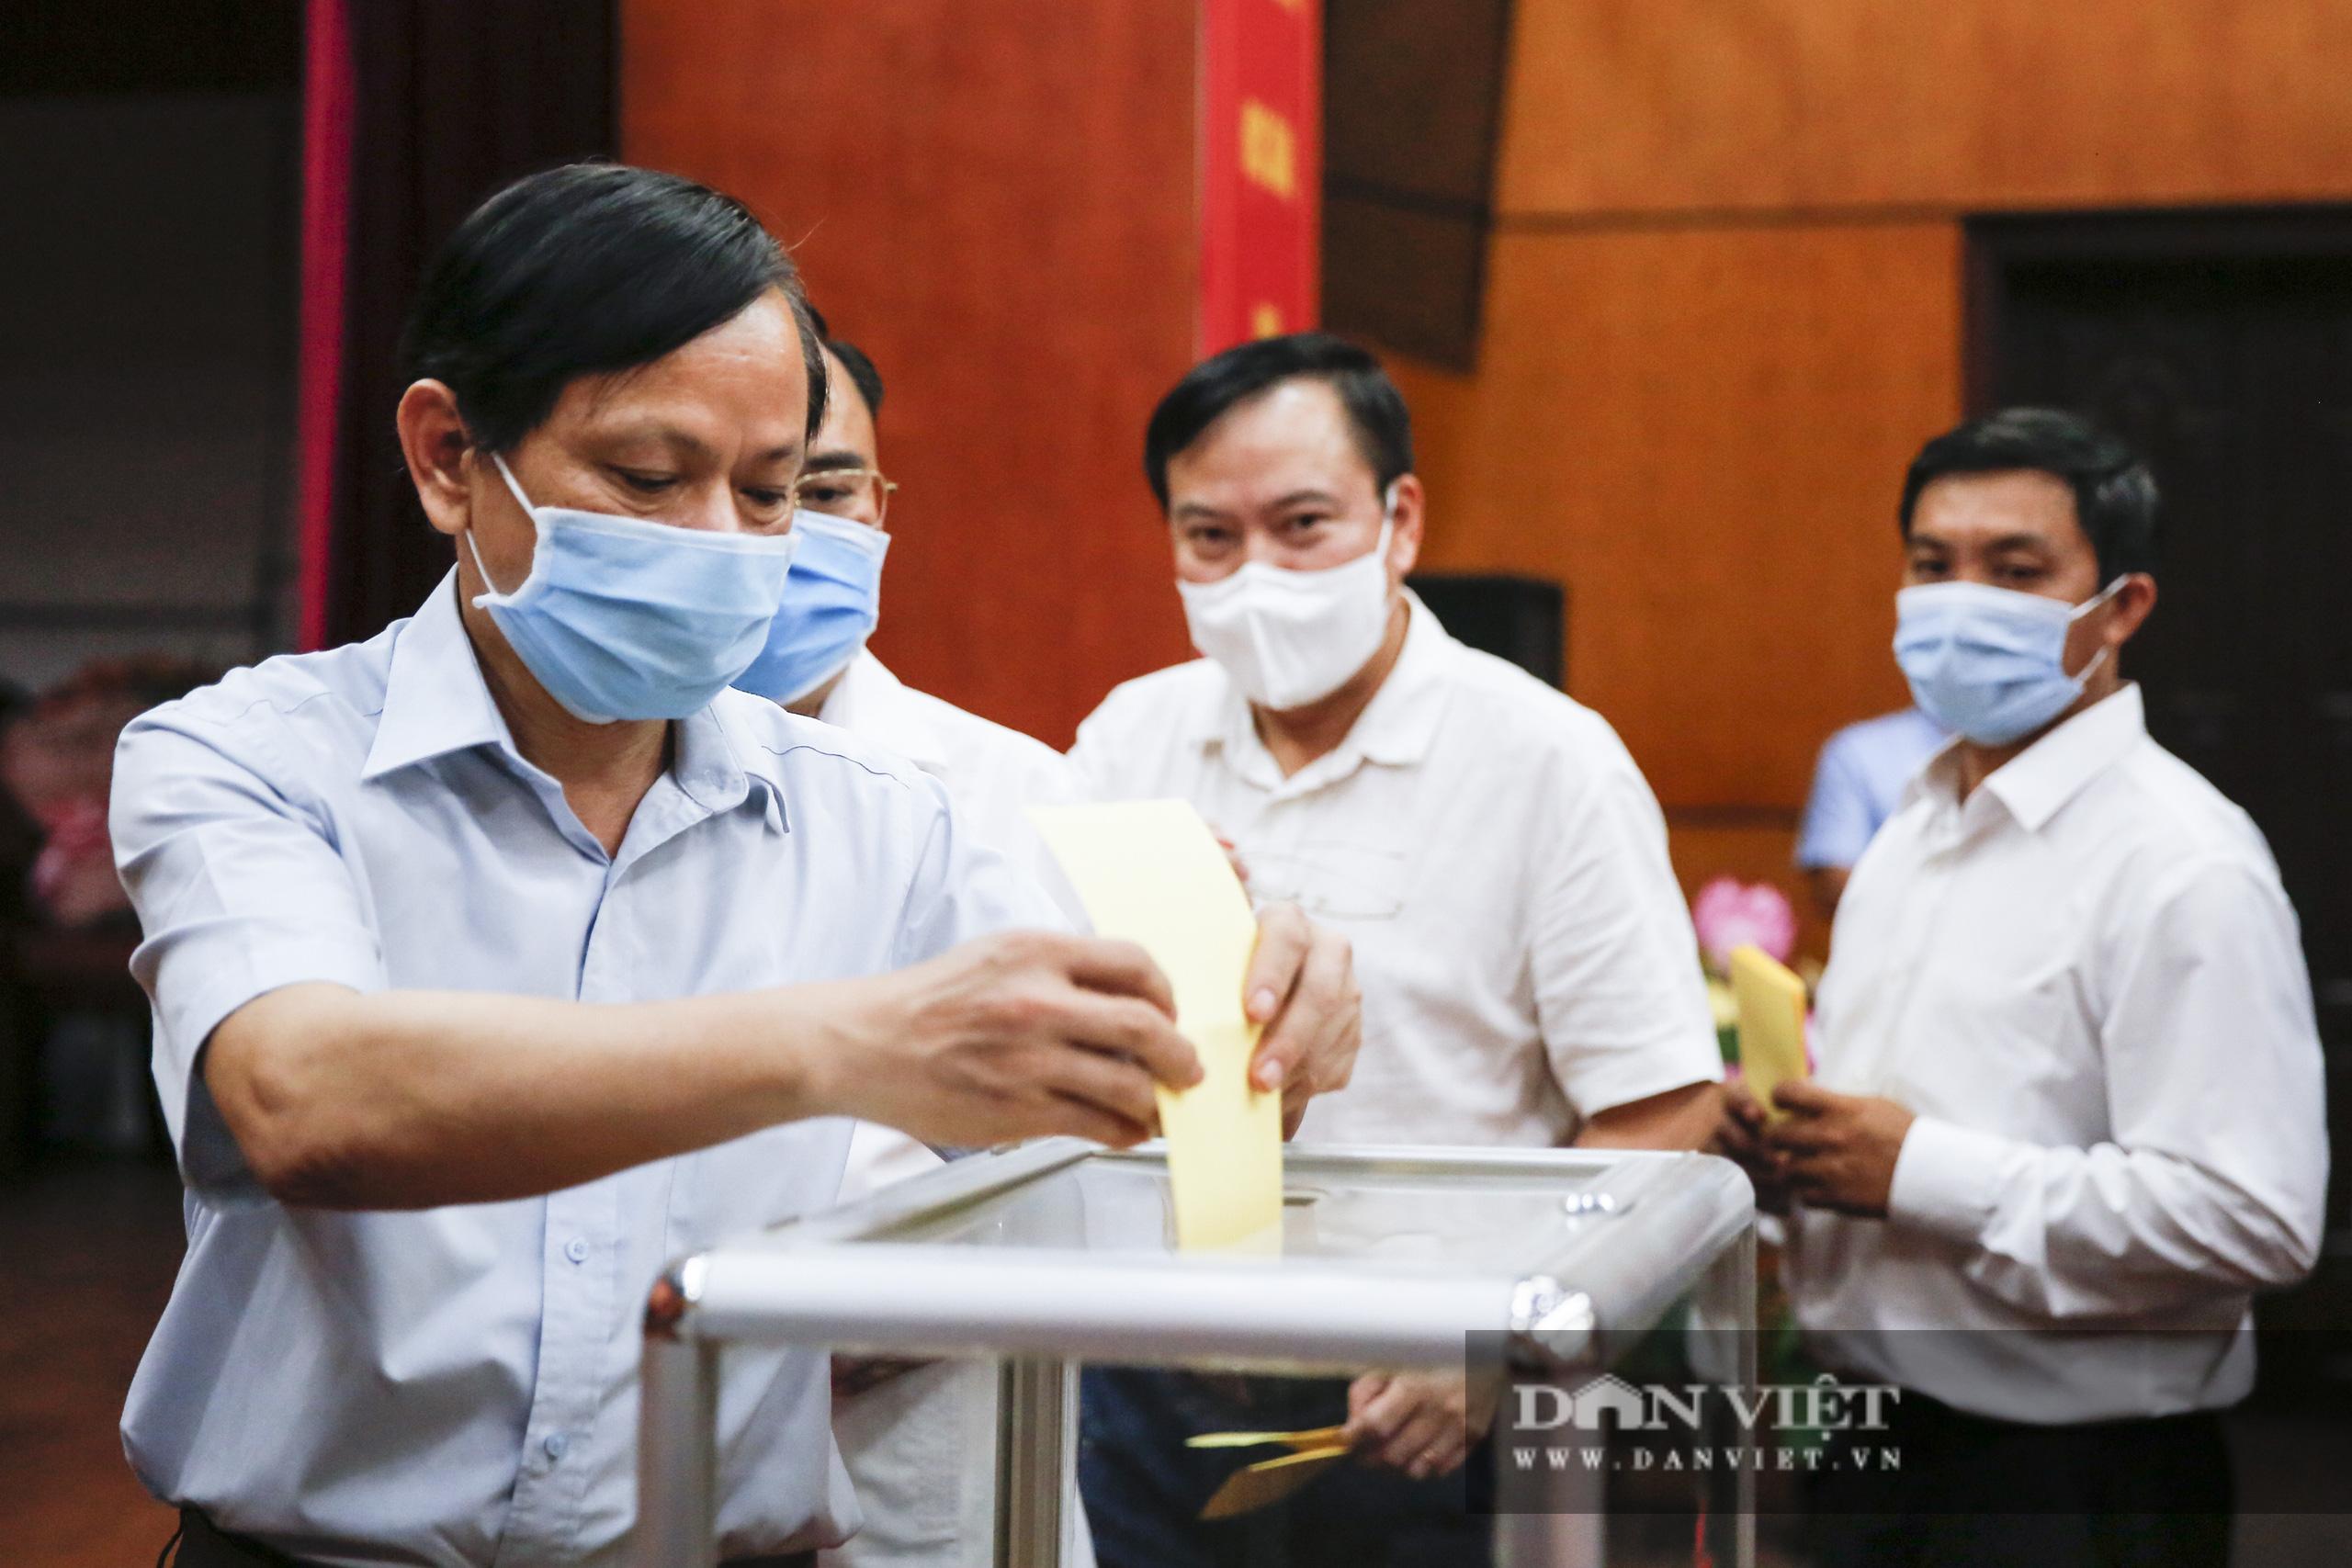 Ảnh: Hội nghị BCH TƯ Hội Nông dân Việt Nam triển khai quyết định của Bộ Chính trị về công tác cán bộ - Ảnh 12.